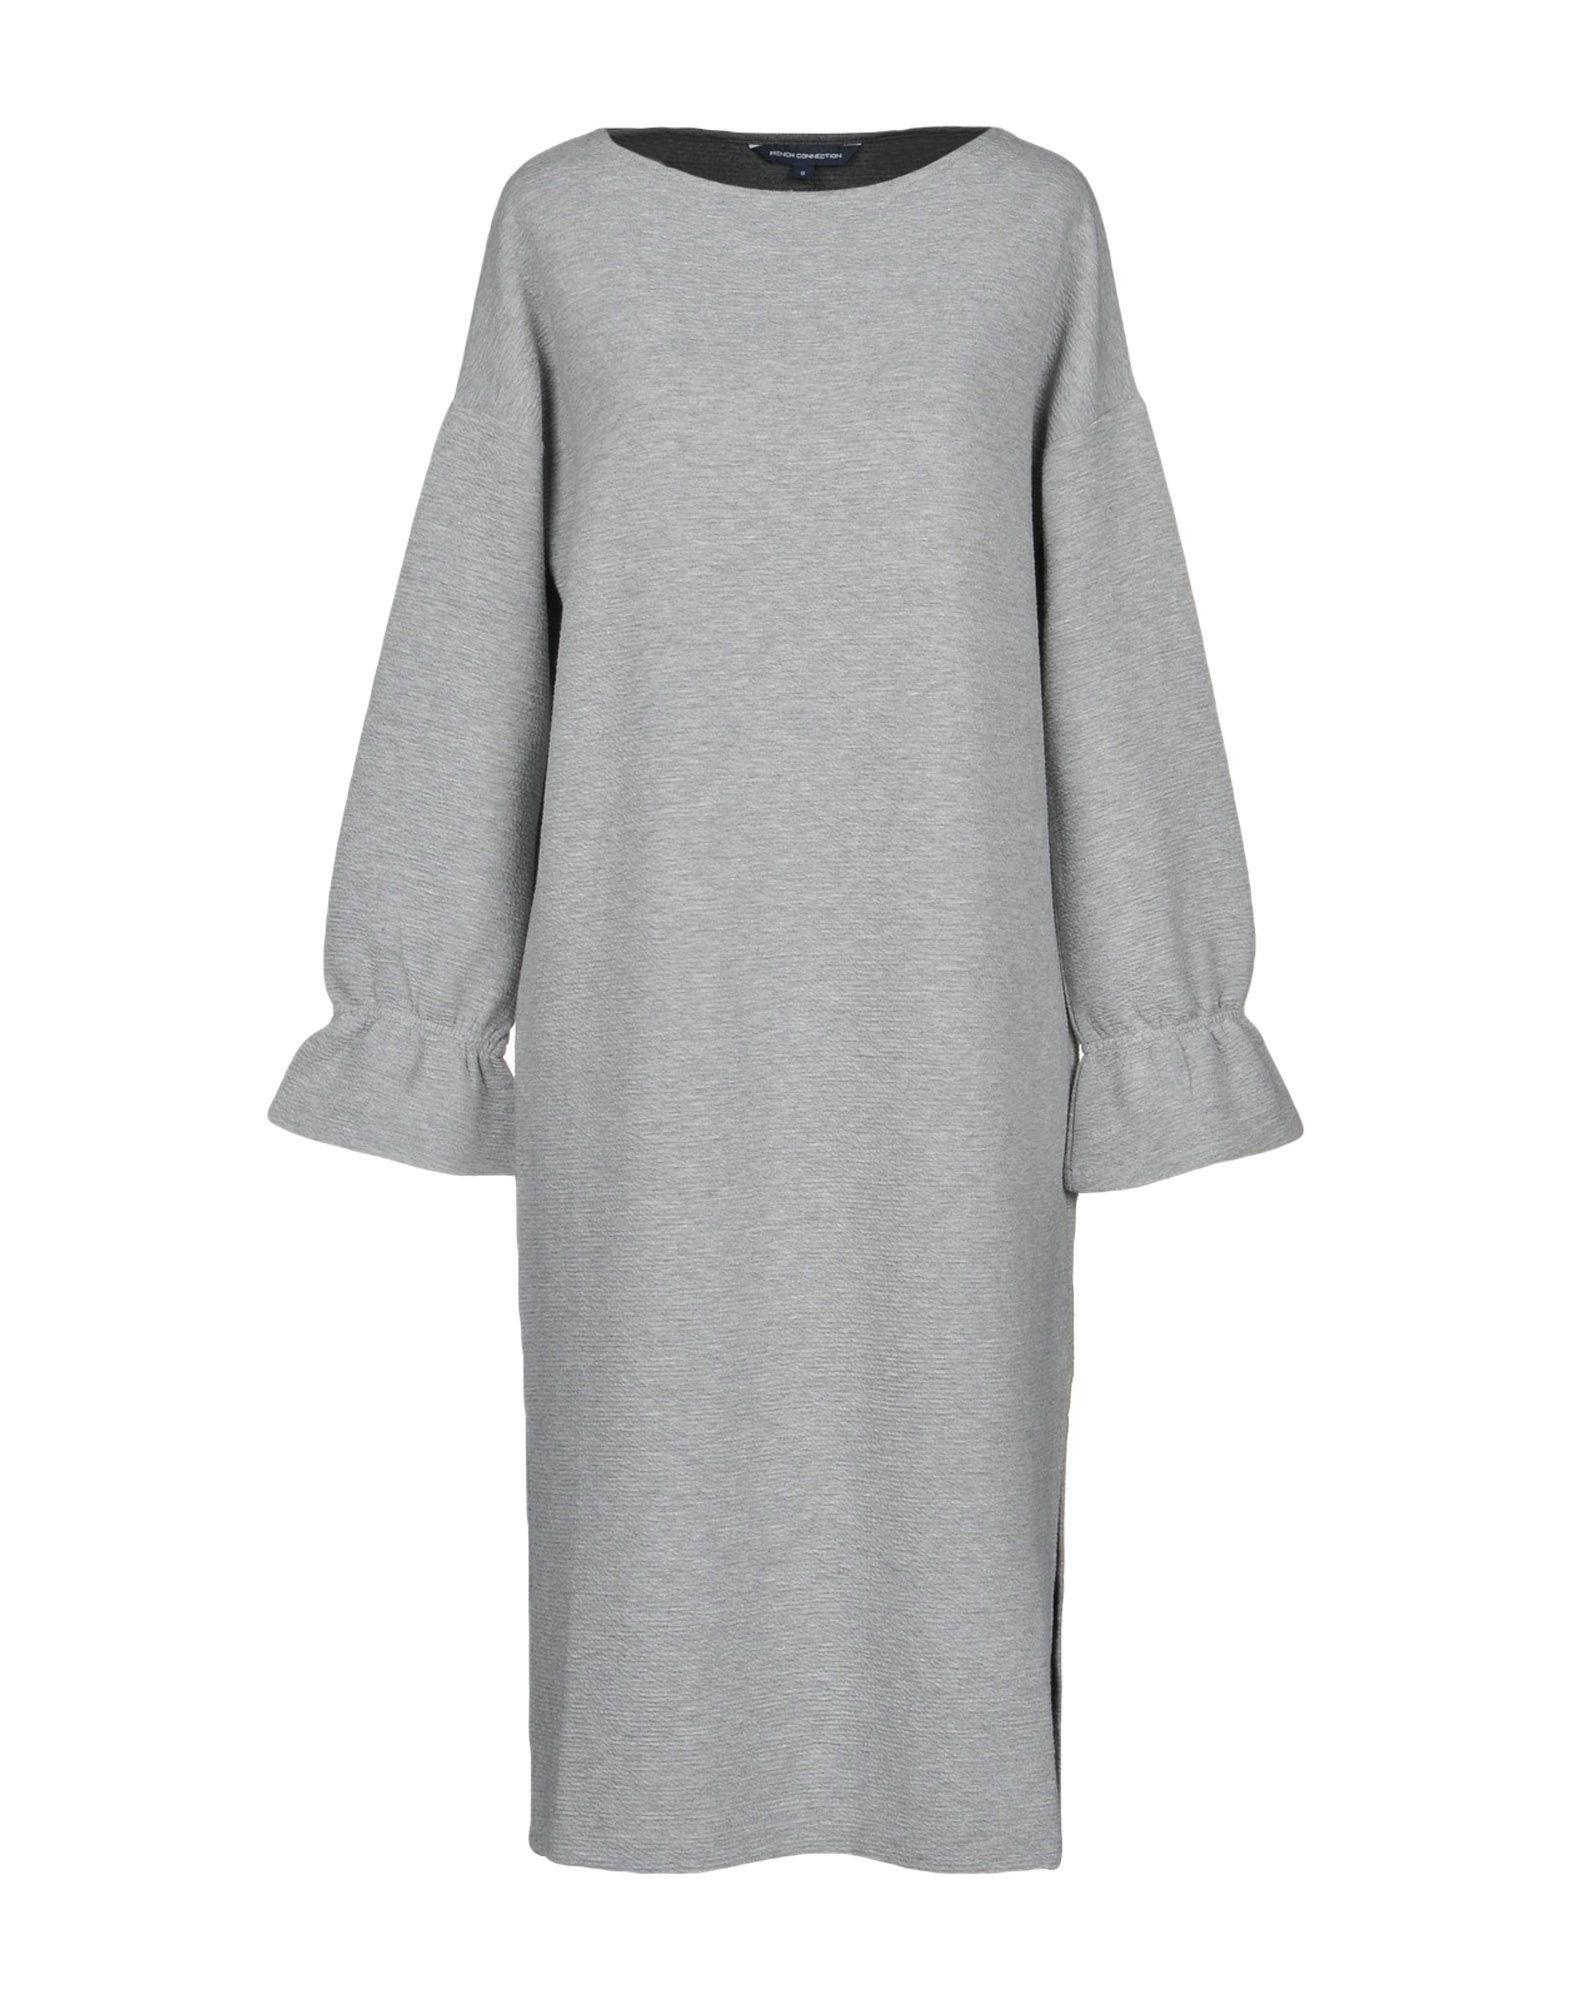 где купить FRENCH CONNECTION Платье до колена по лучшей цене